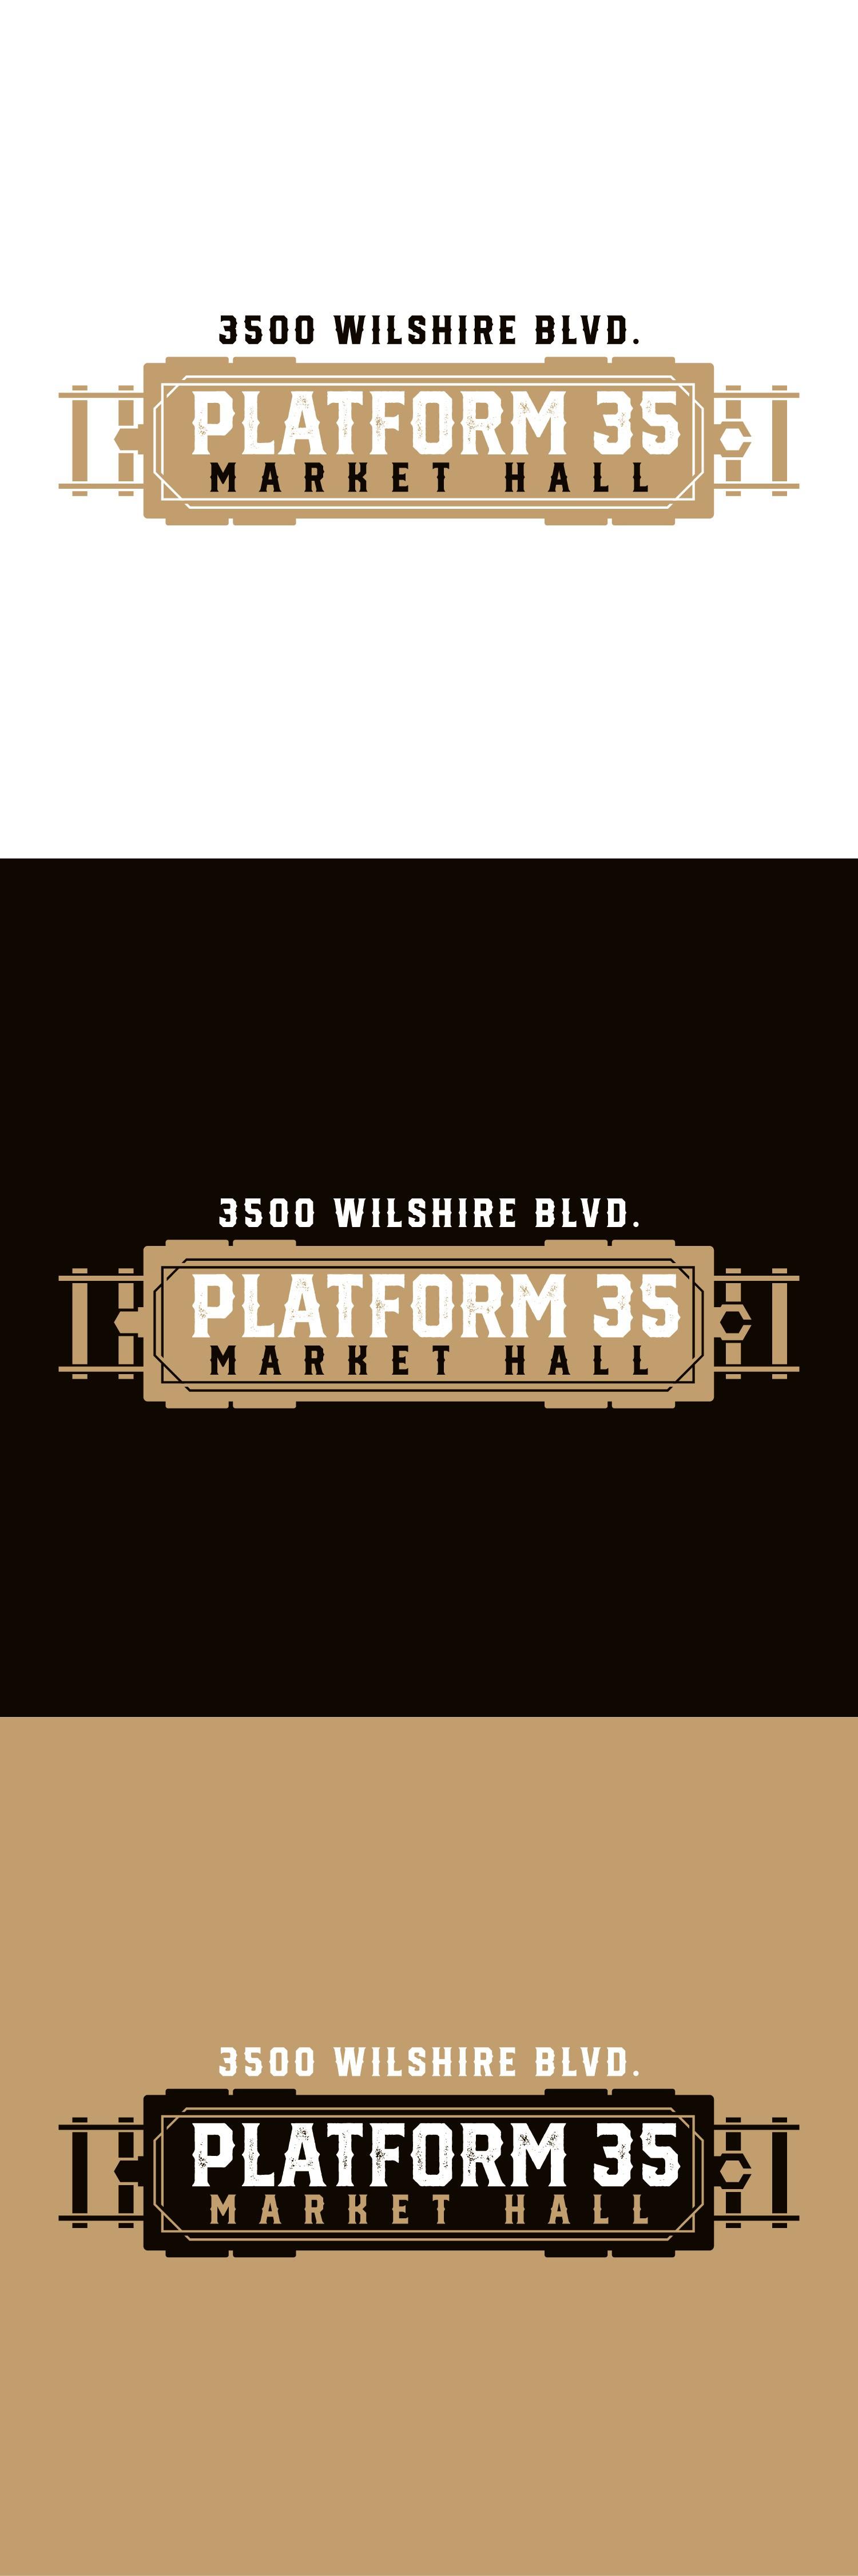 New Logo Design for an LA Food Hall - Platform 35